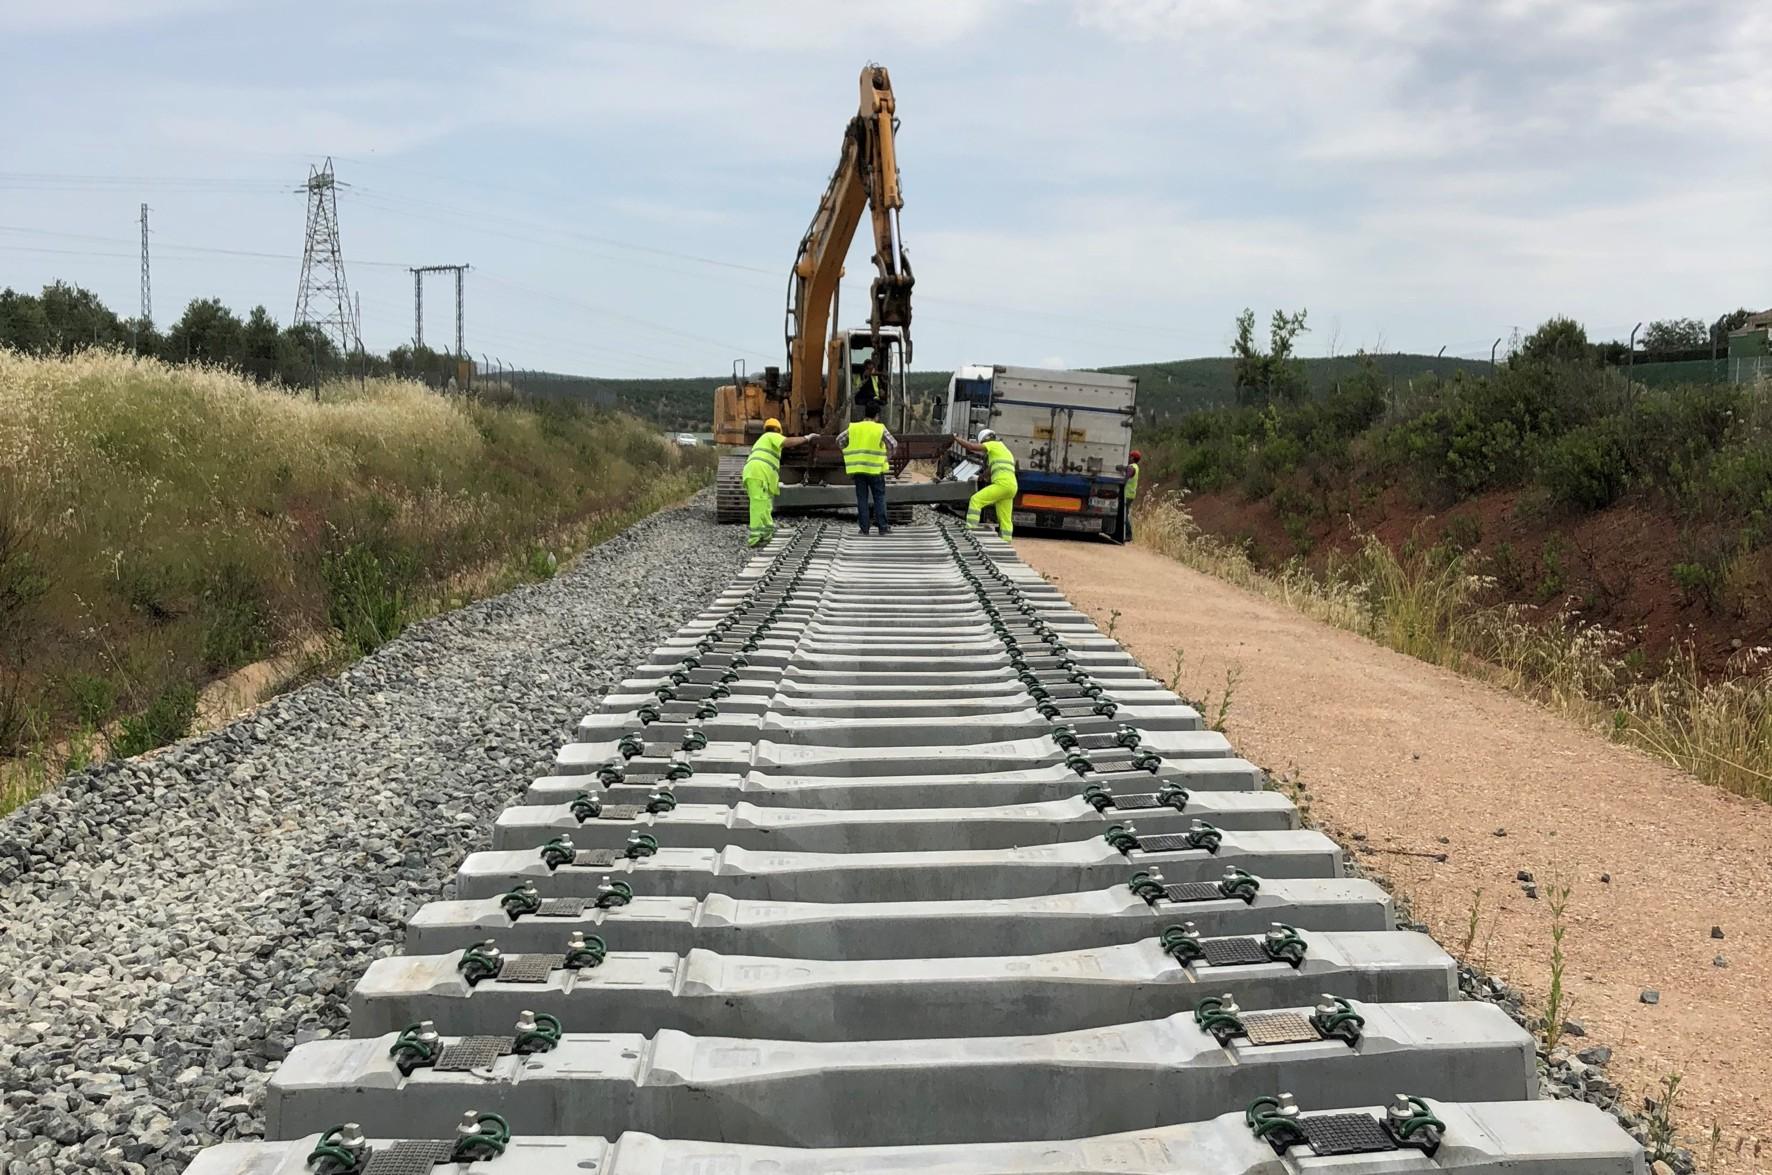 La Junta inicia la colocación de las traviesas en el ramal ferroviario entre Linares y Vadollano